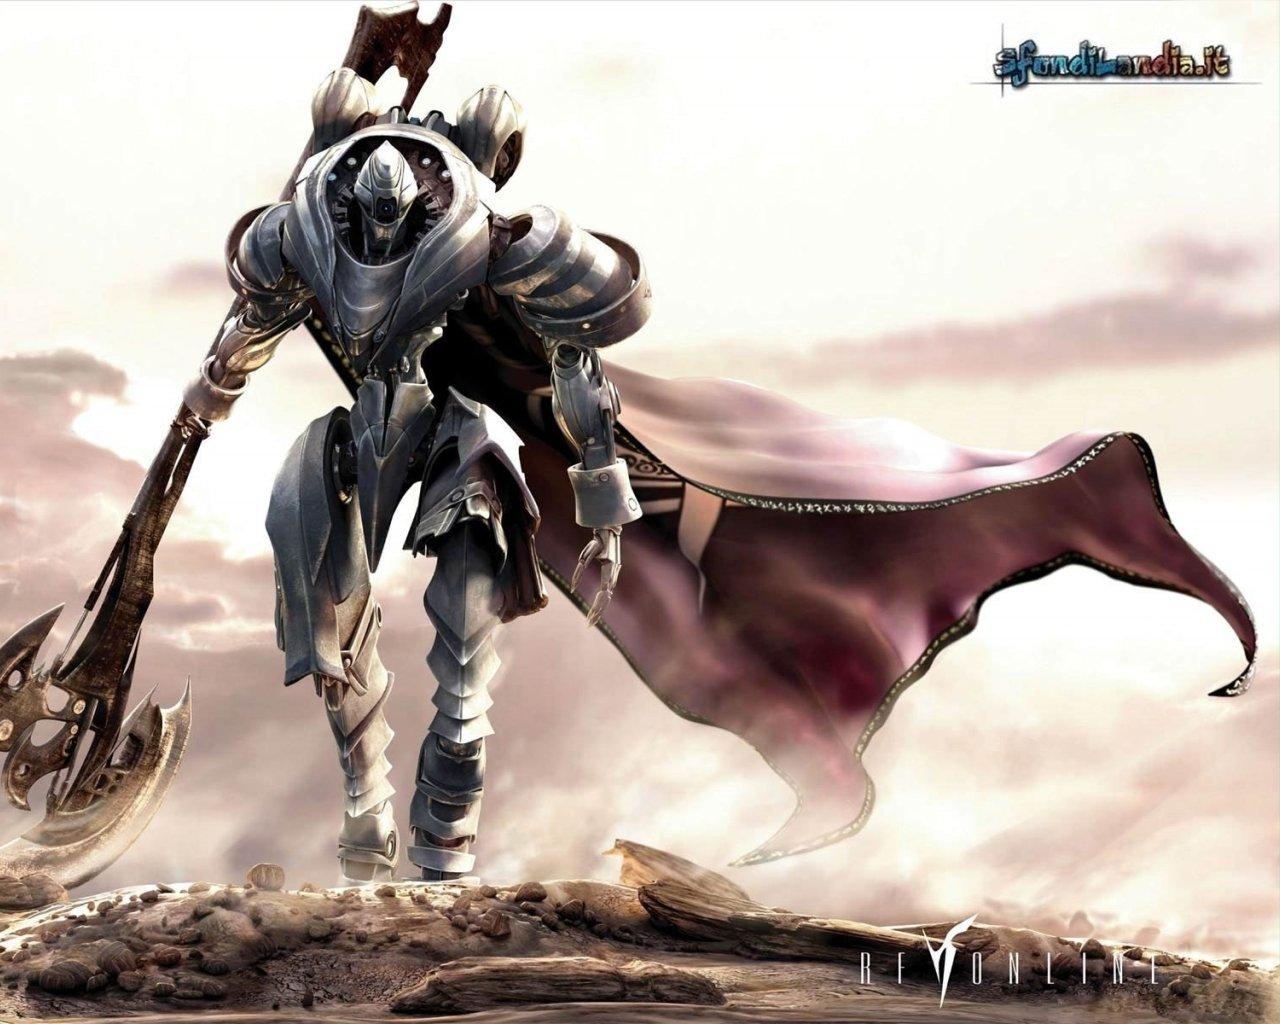 Cyborg Knight